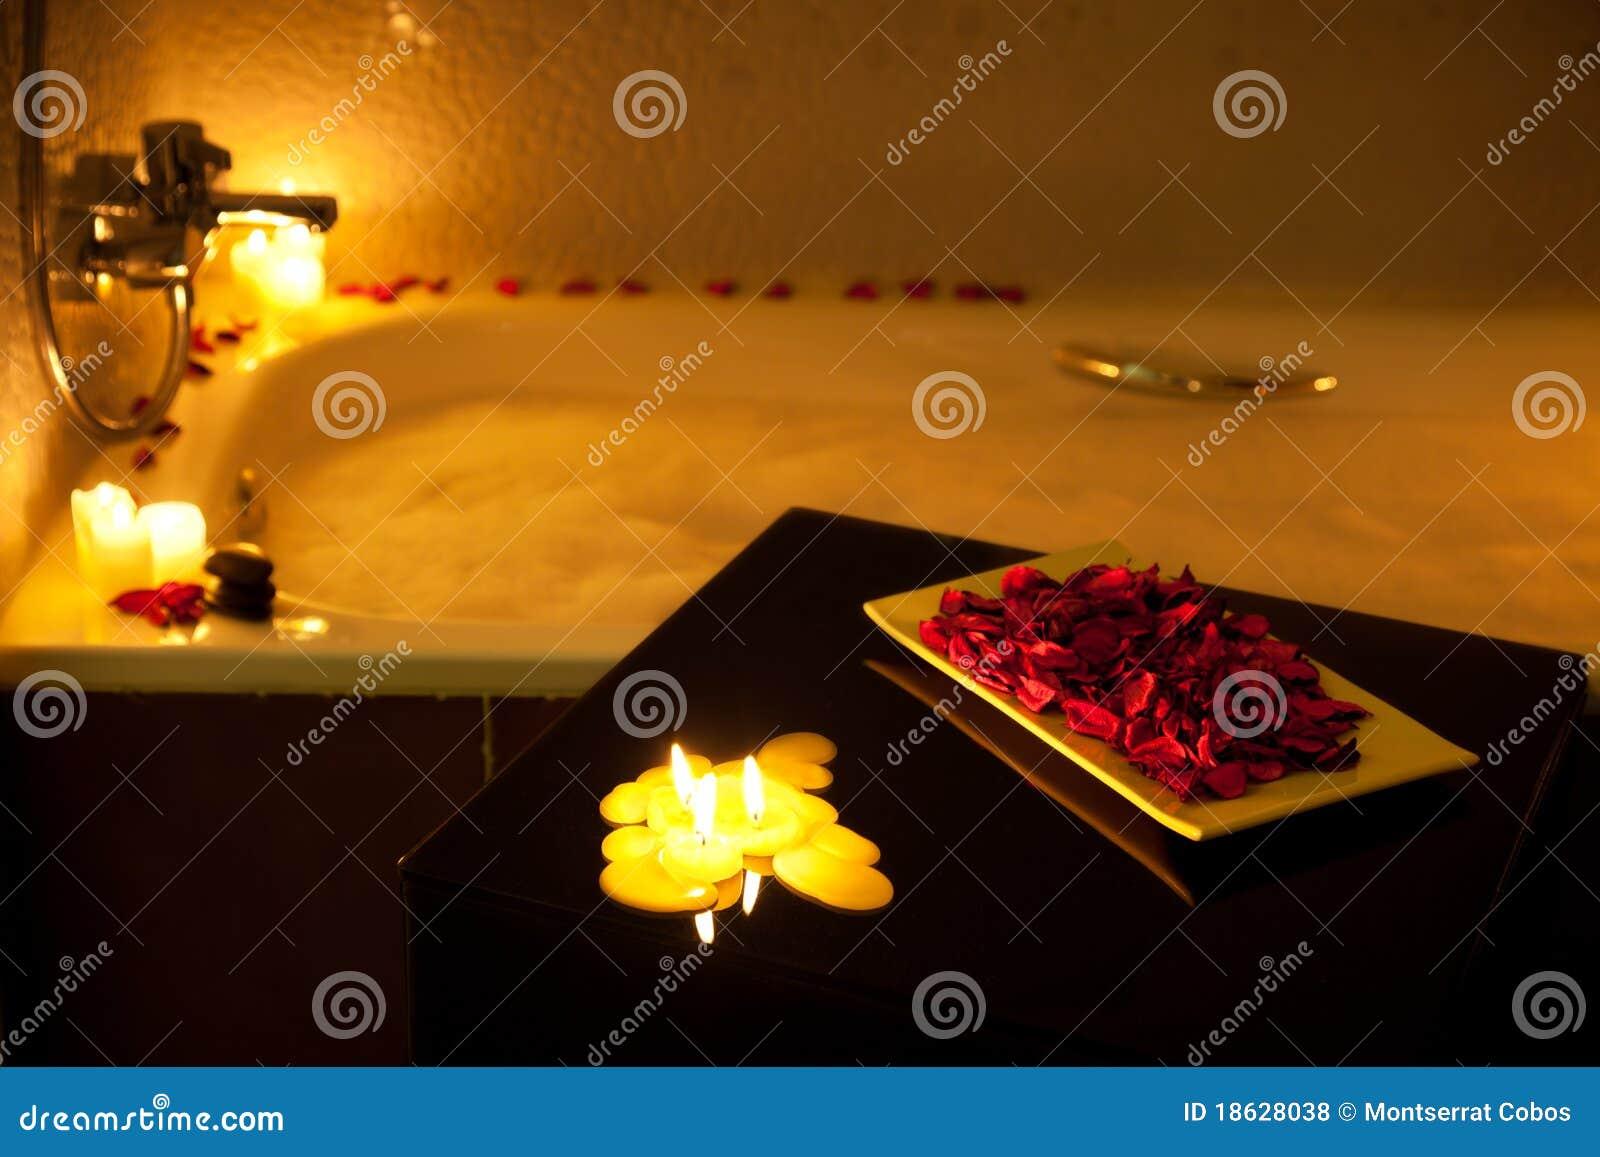 Vasca Da Bagno Romantica : Vasca da bagno romantica fotografia stock immagine di petalo